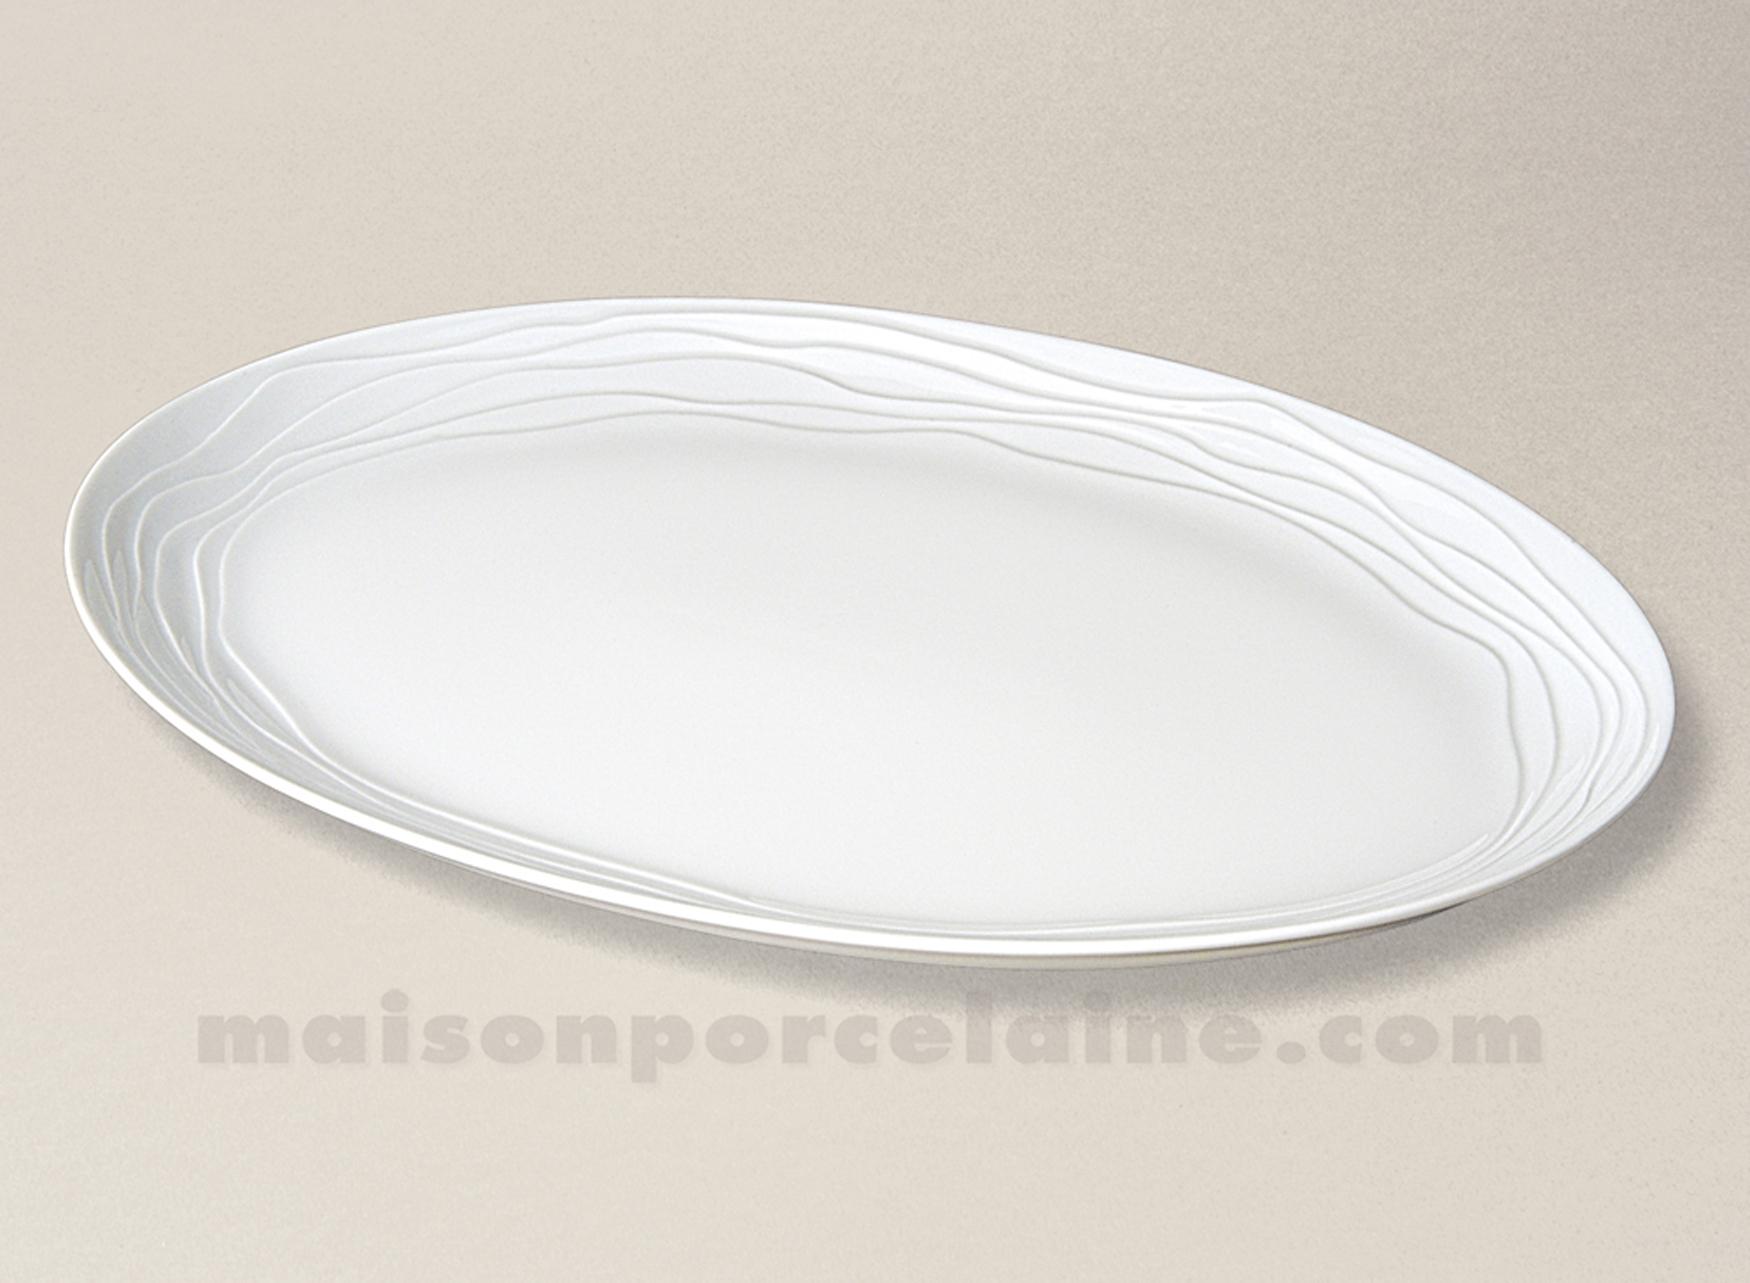 Plat ovale porcelaine blanche limoges onde gravee pm 37x27 for Maison de la porcelaine